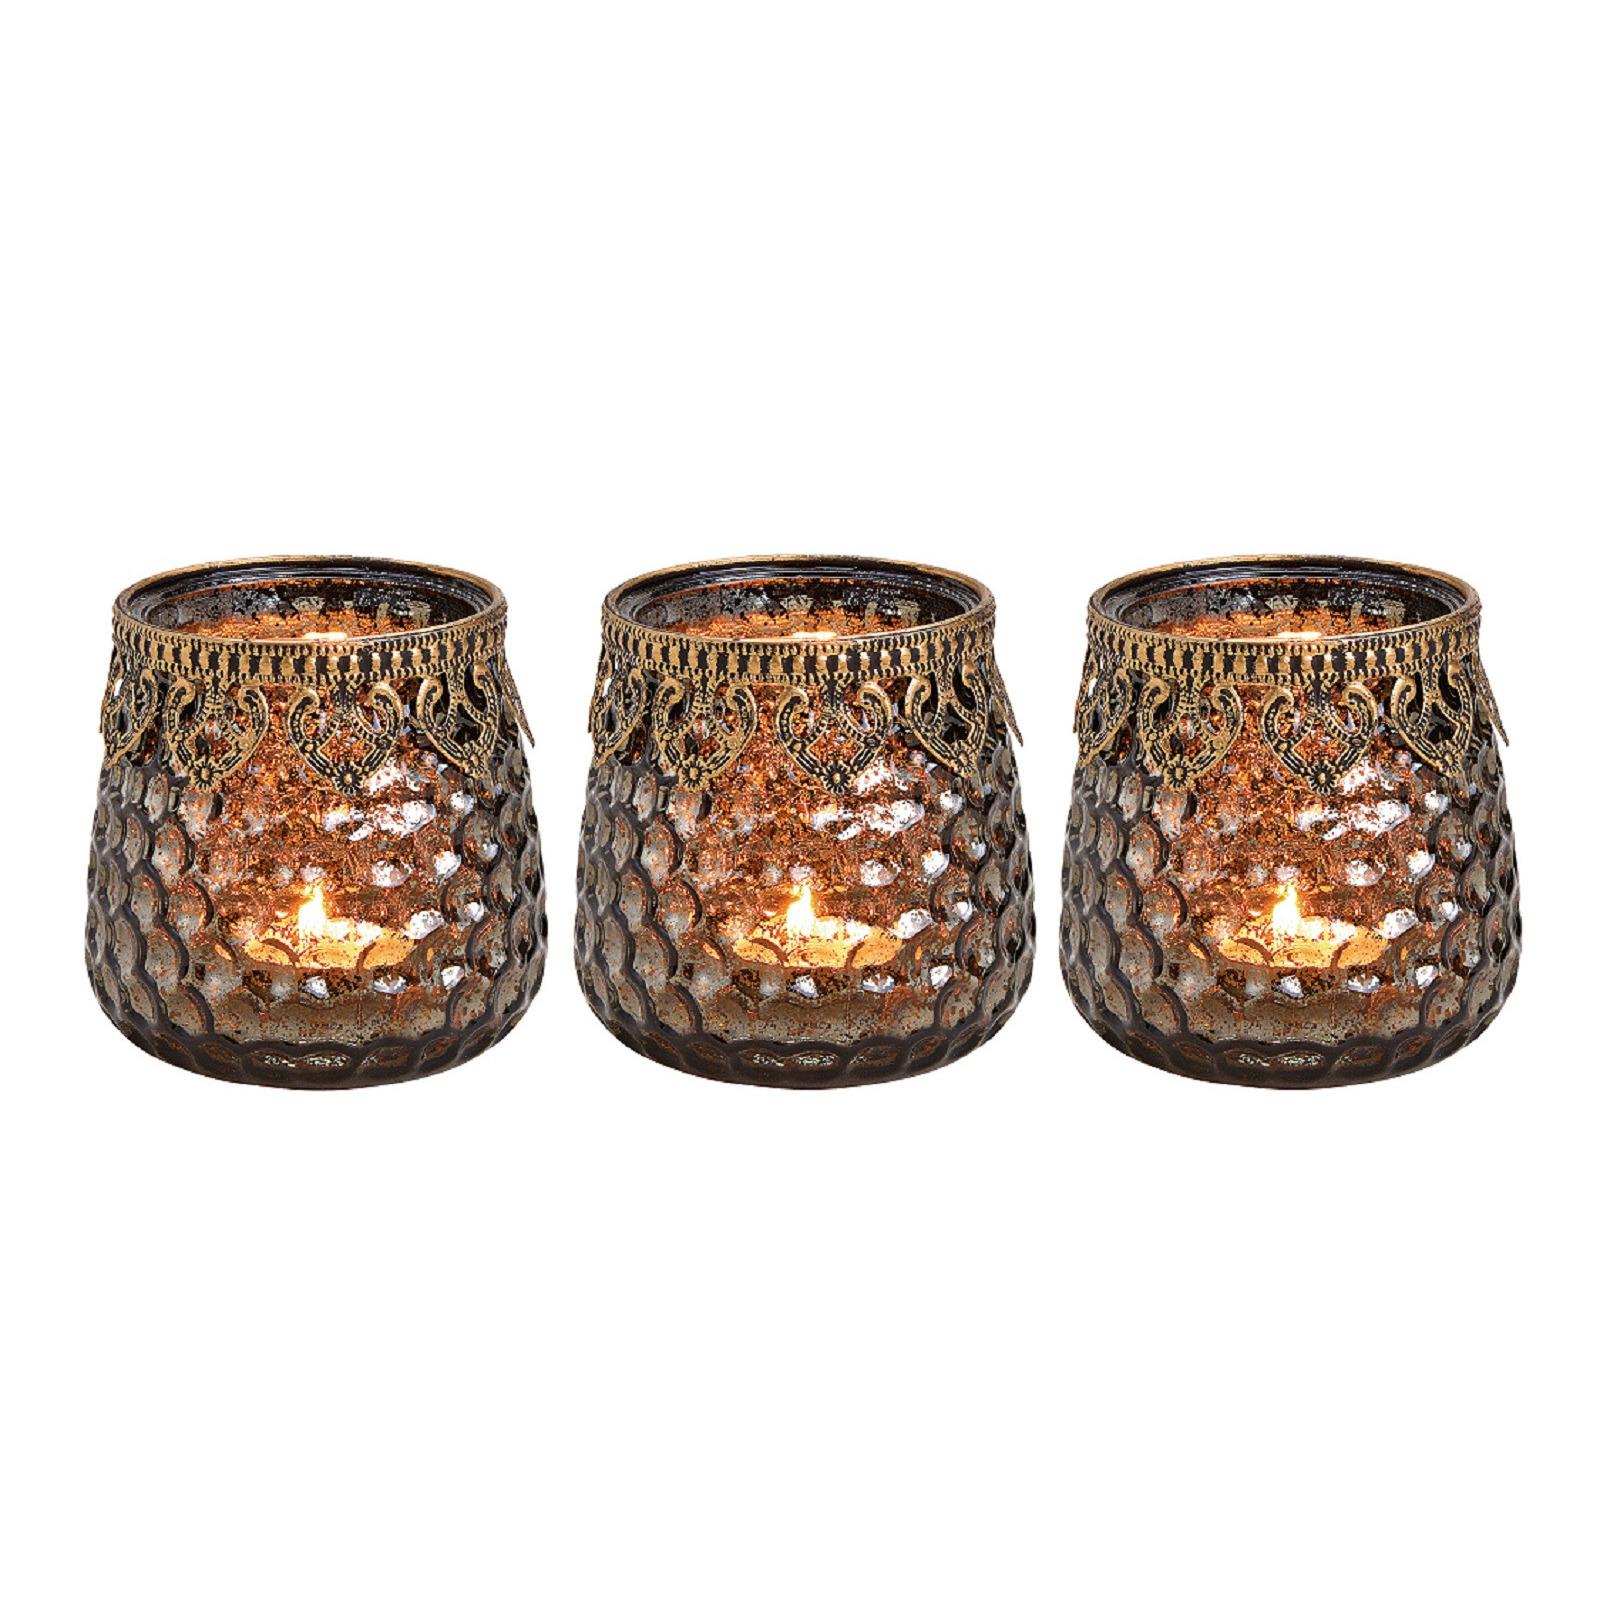 3x Glazen kaarsenhouders voor theelichtjes/waxinelichtjes 9 x 9 cm antieklook/Oosters -